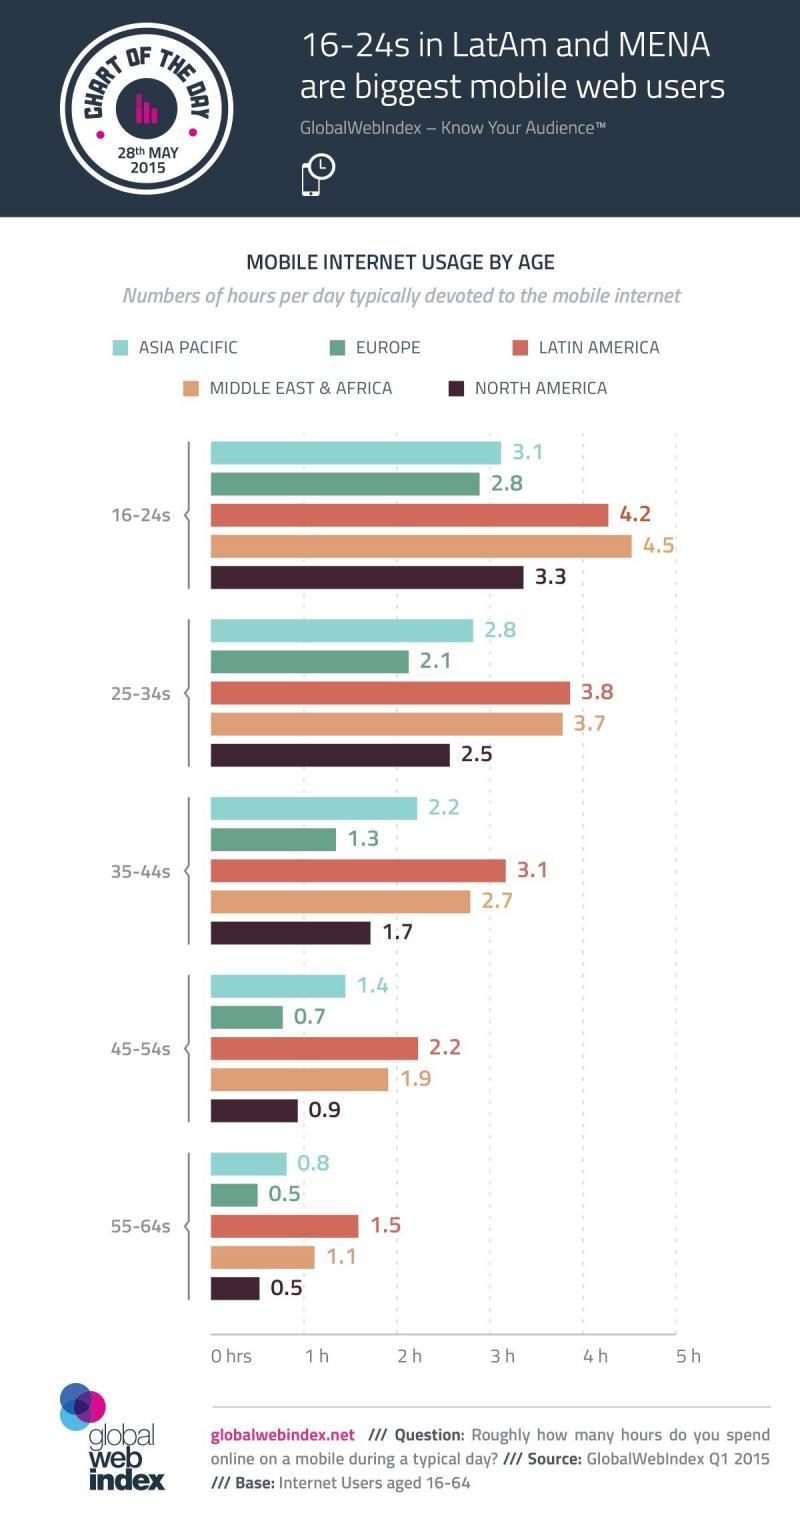 #انفوجرافيك الفئة العمرية ١٦ - ٢٤ سنة في الشرق الأوسط وشمال أفريقيا هي الأكثر استخداما لإنترنت الجوال